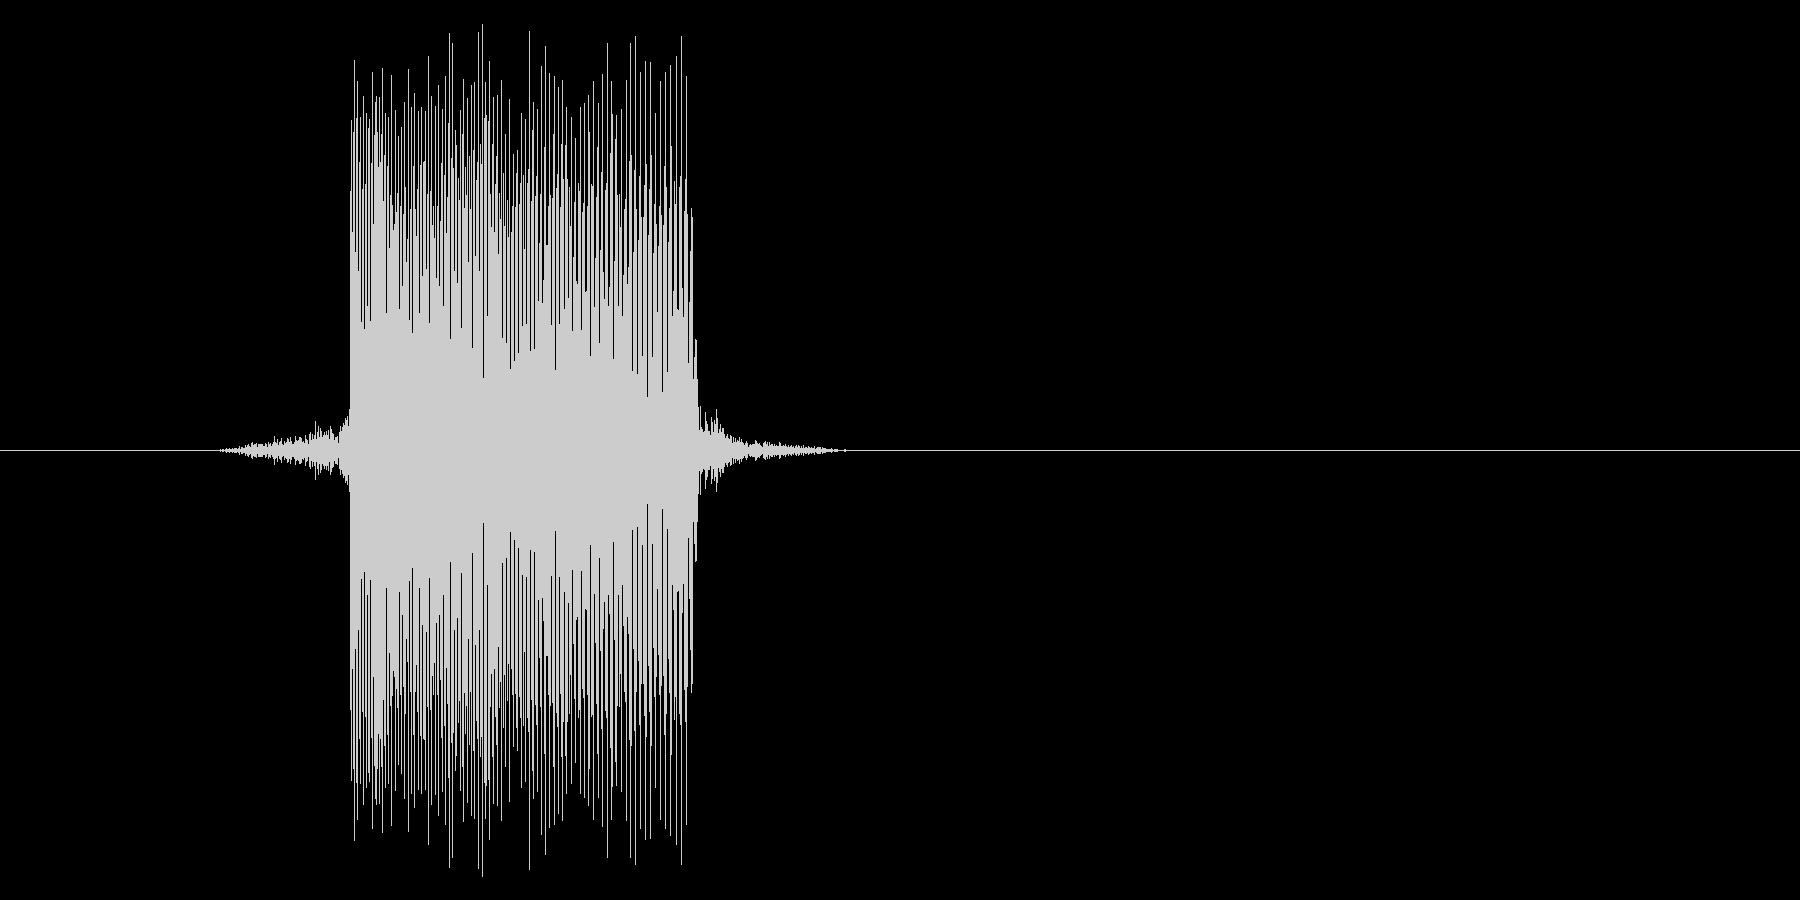 ゲーム(ファミコン風)レーザー音_004の未再生の波形